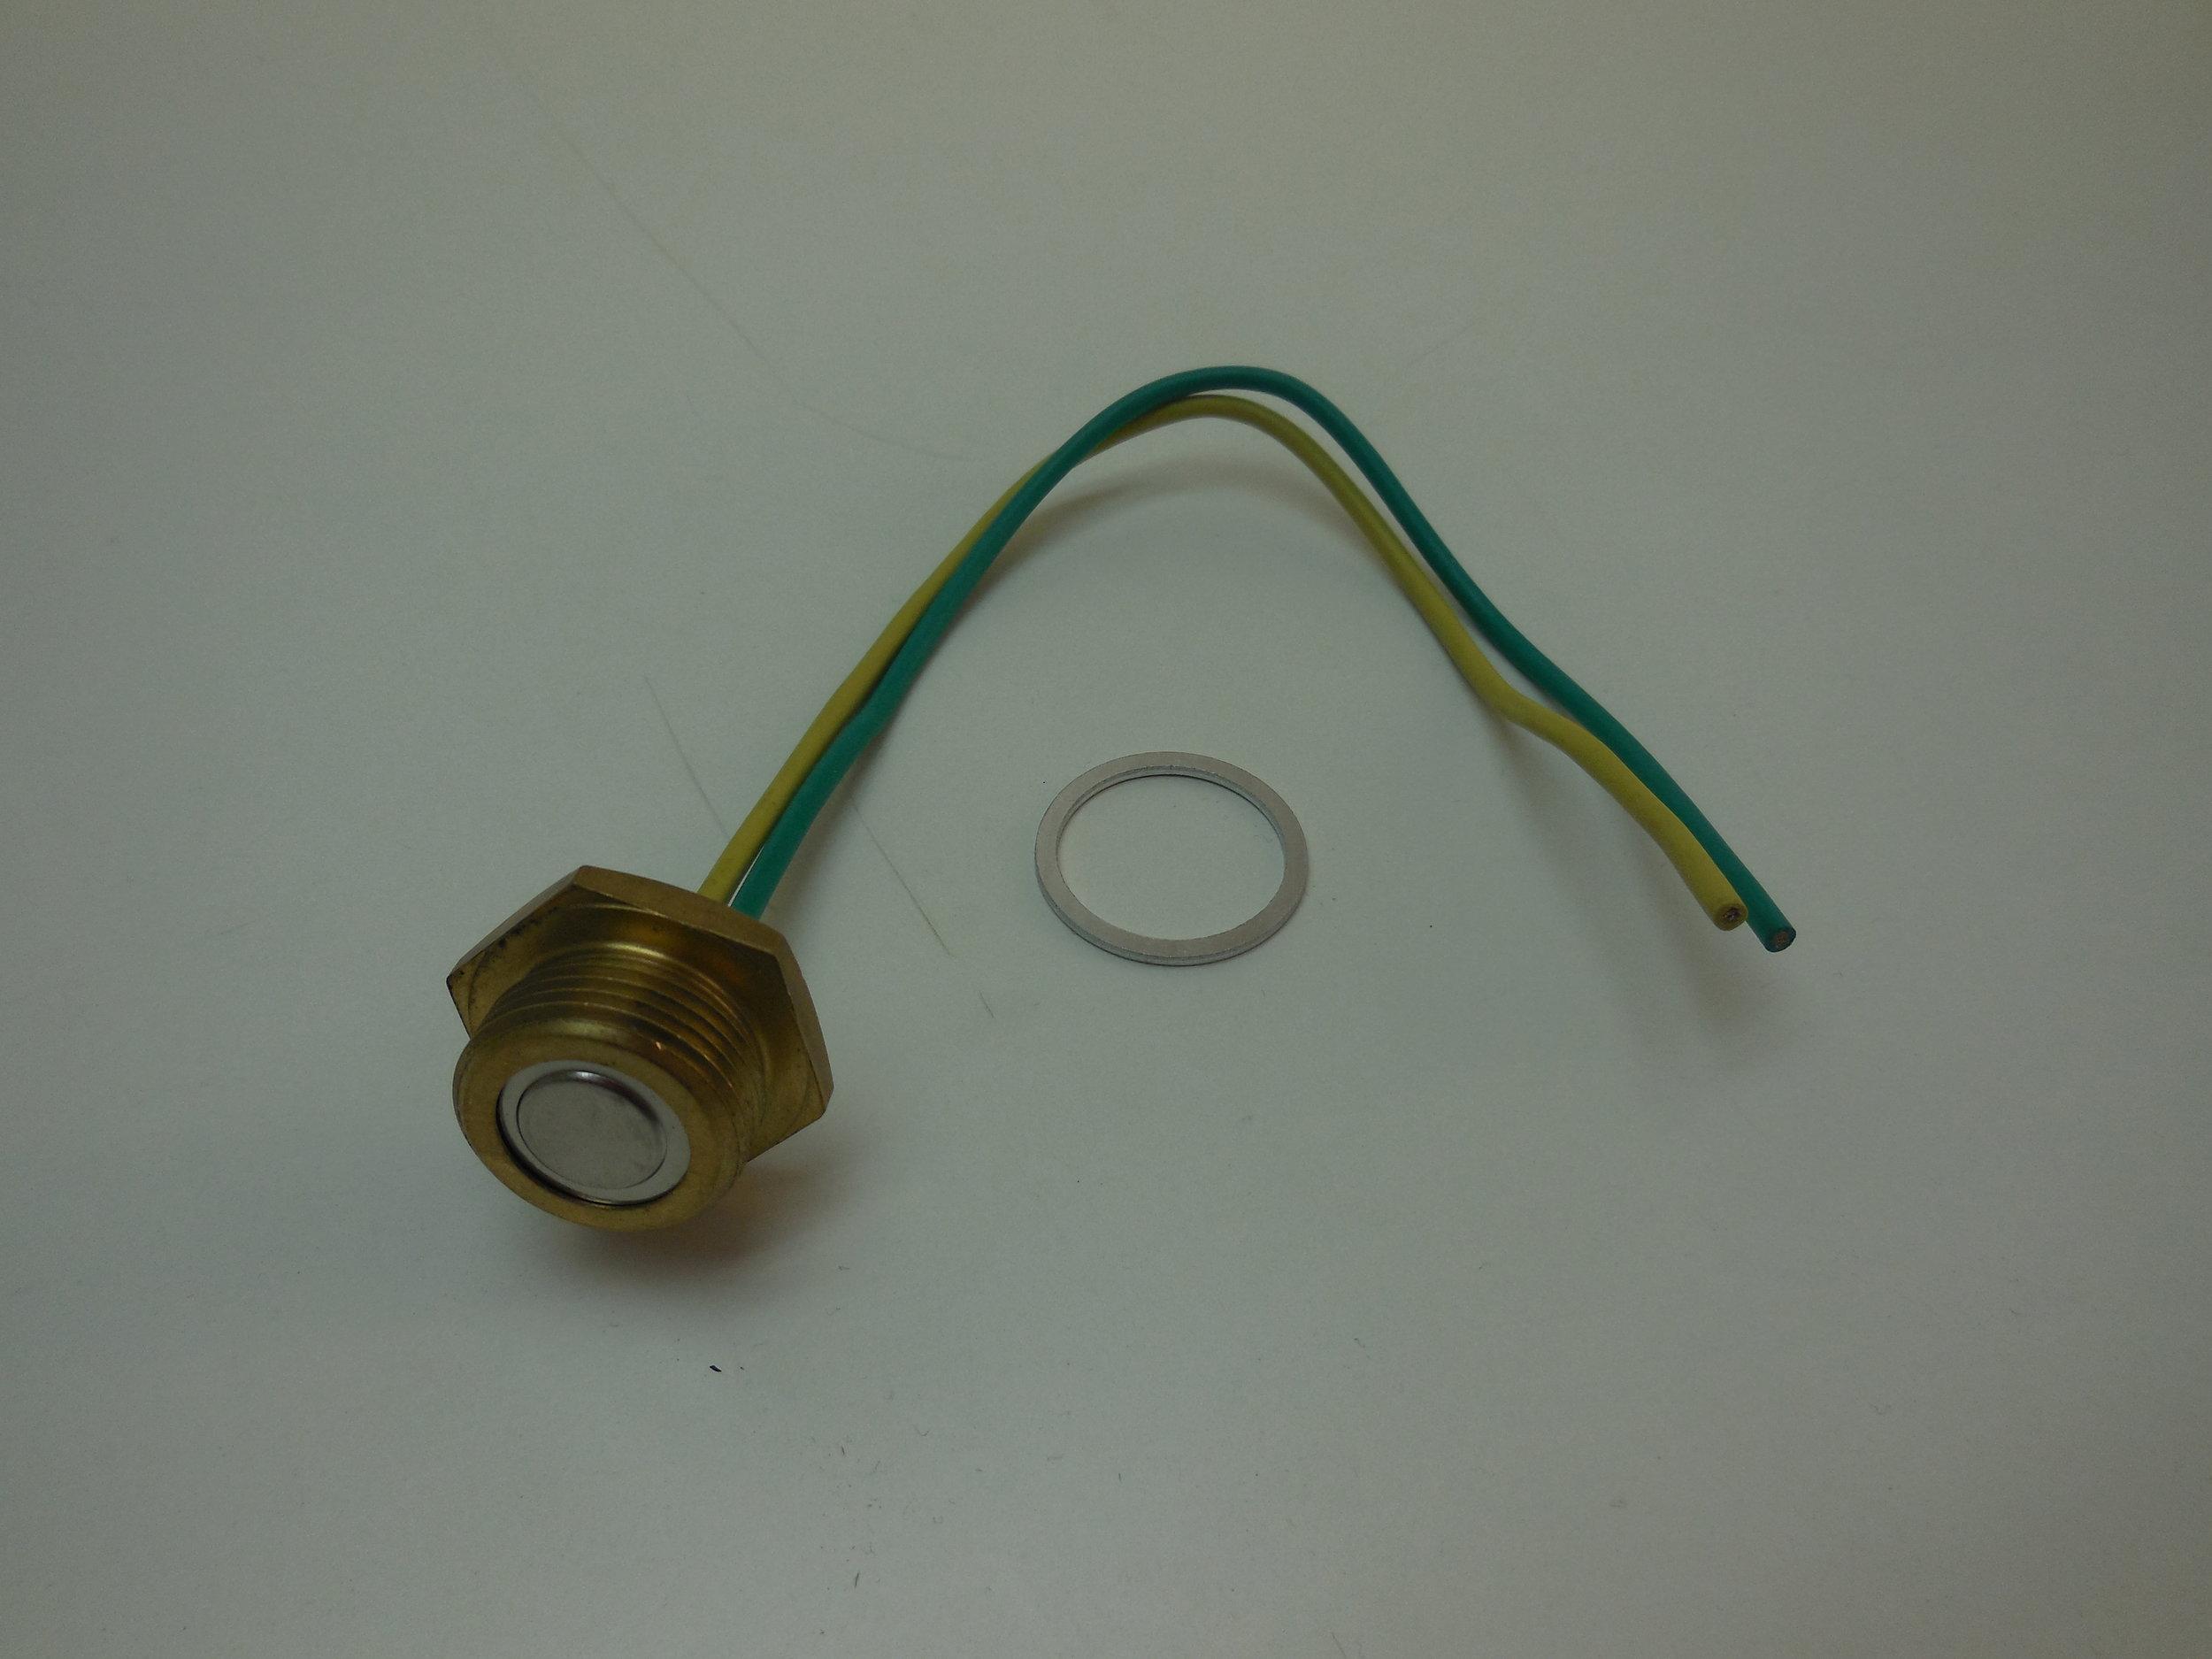 Exhaust Thermostat Webasto Häggo Nr: 253 6635-604 price: 250 SEK